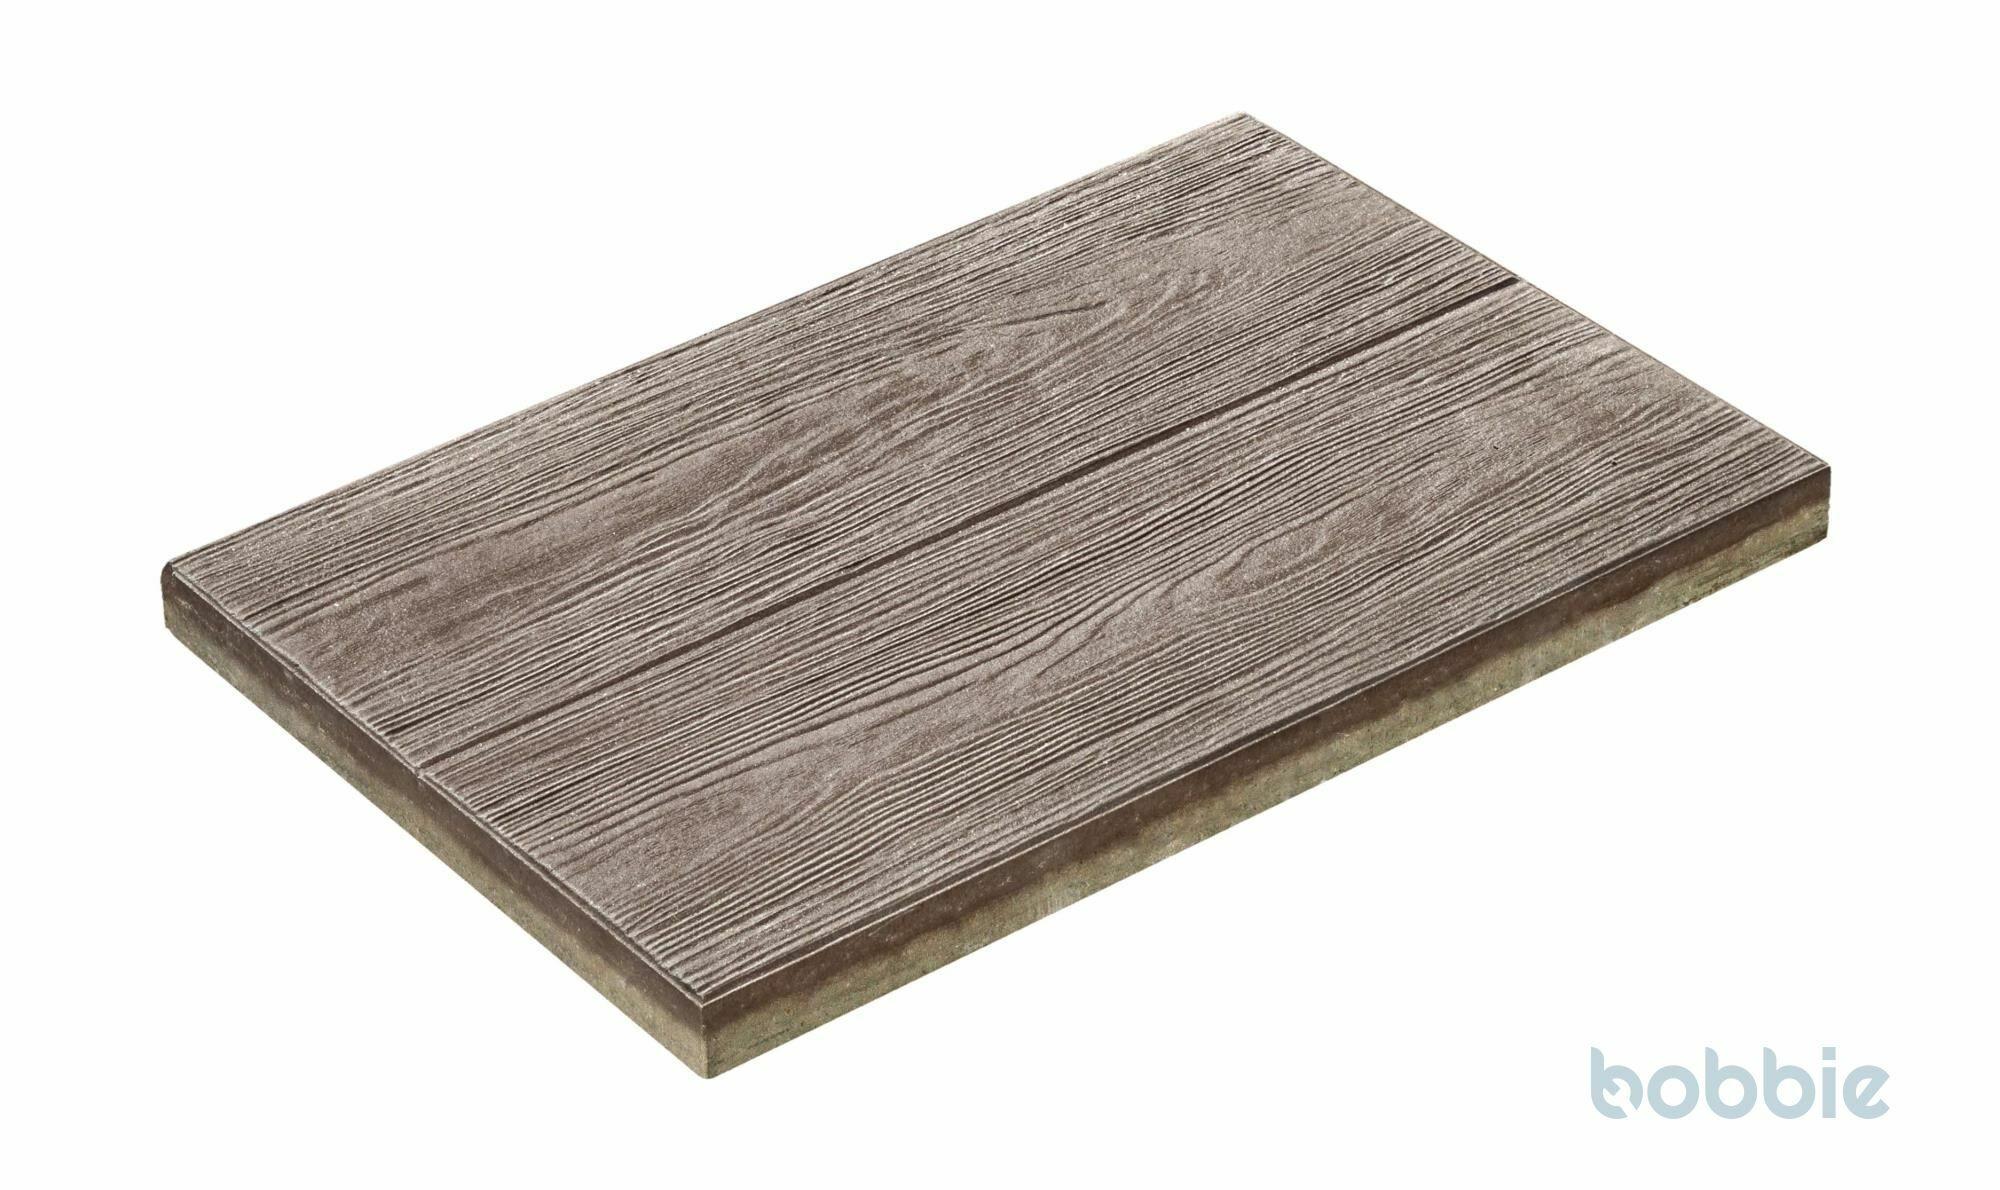 DIEPHAUS Terrassenplatte NATURA UMBRA 60/40/4 CM PE3